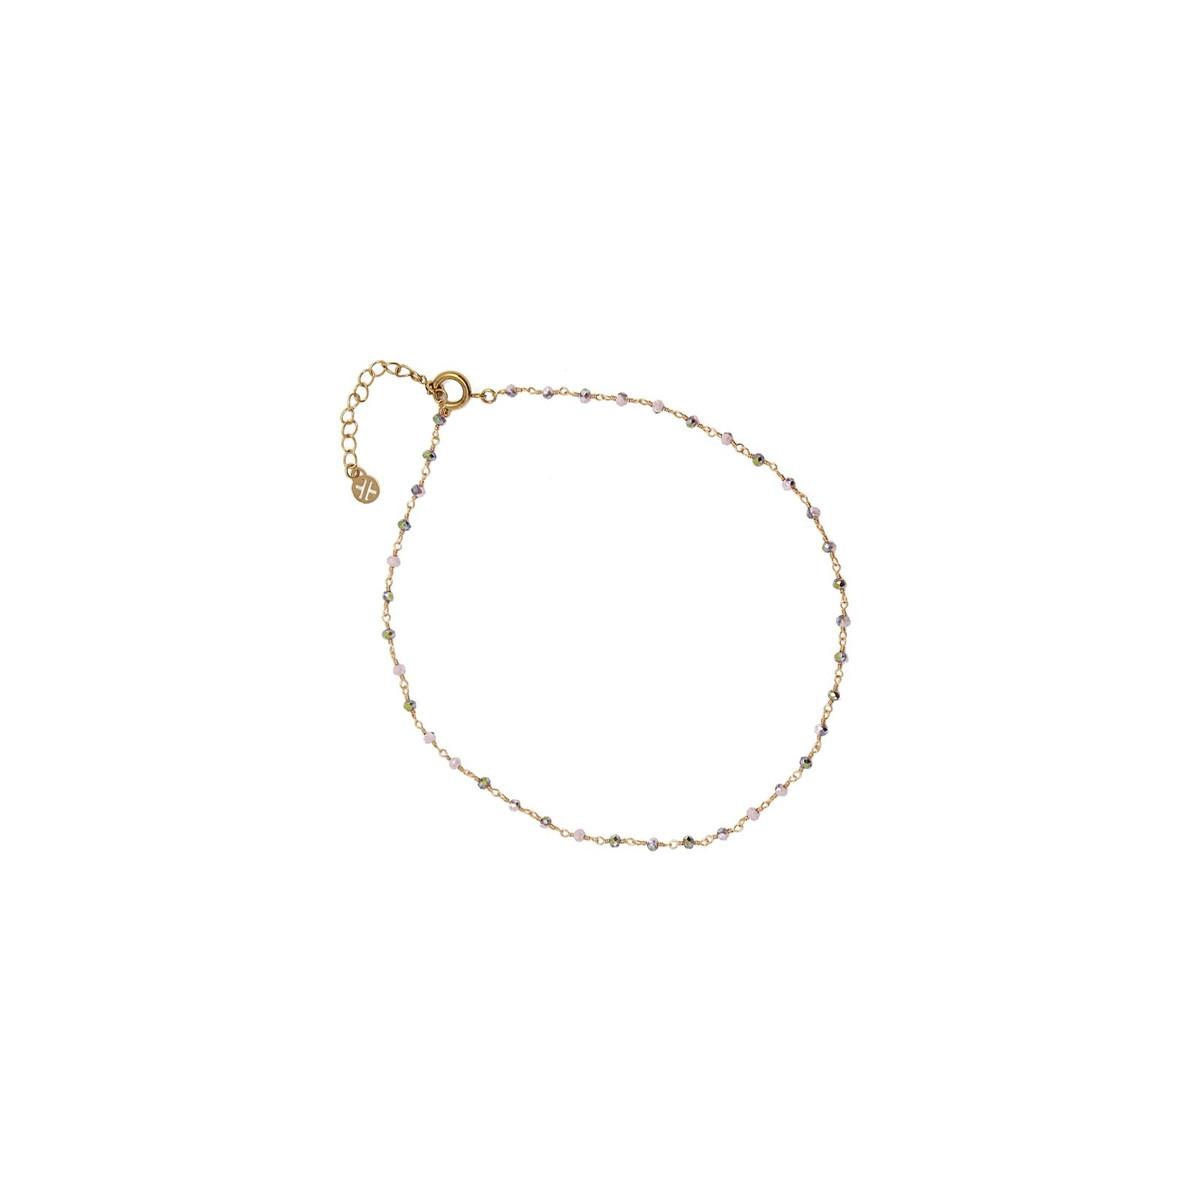 Collar Anartxy BCO172BL